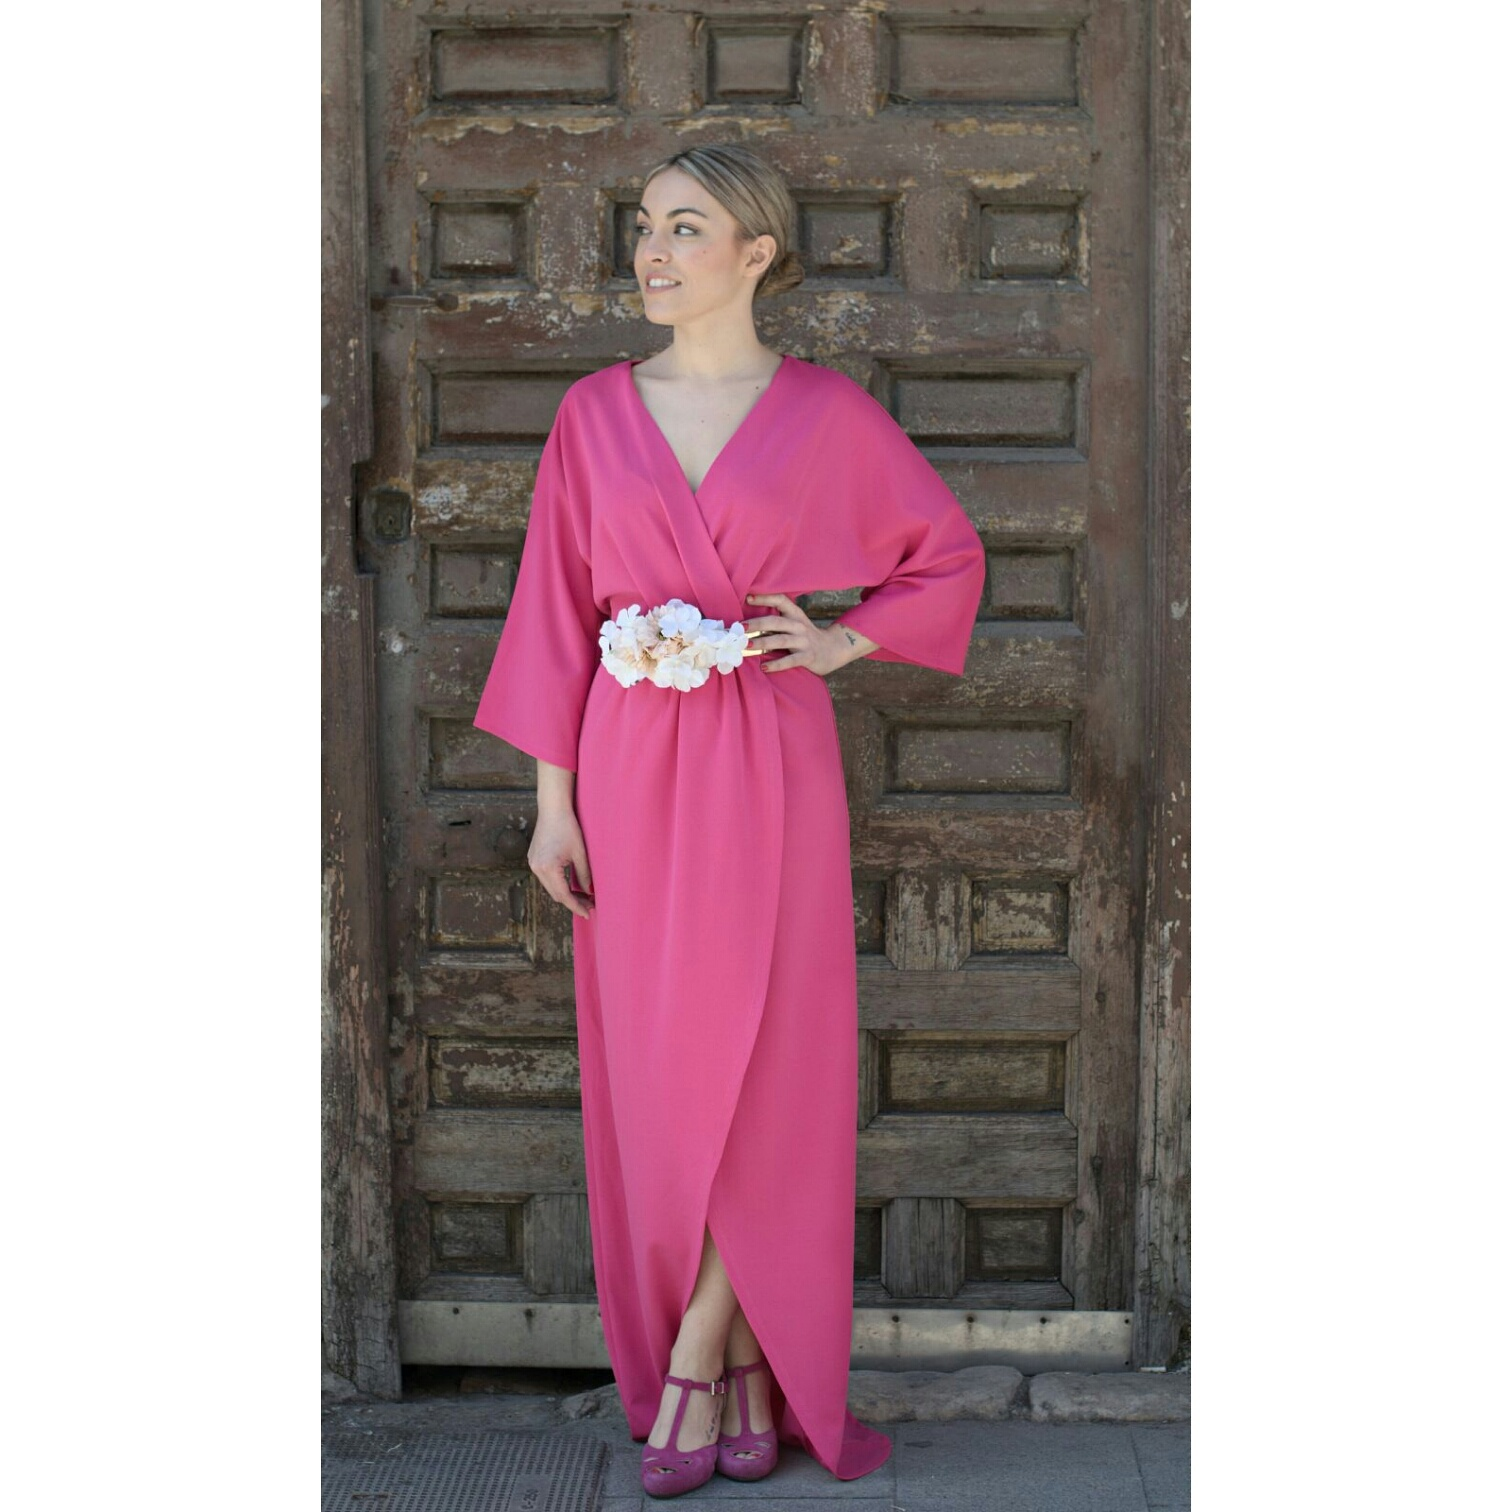 Moda original con pinceladas flamencas en Mariquilla Lunares Alcalá ...